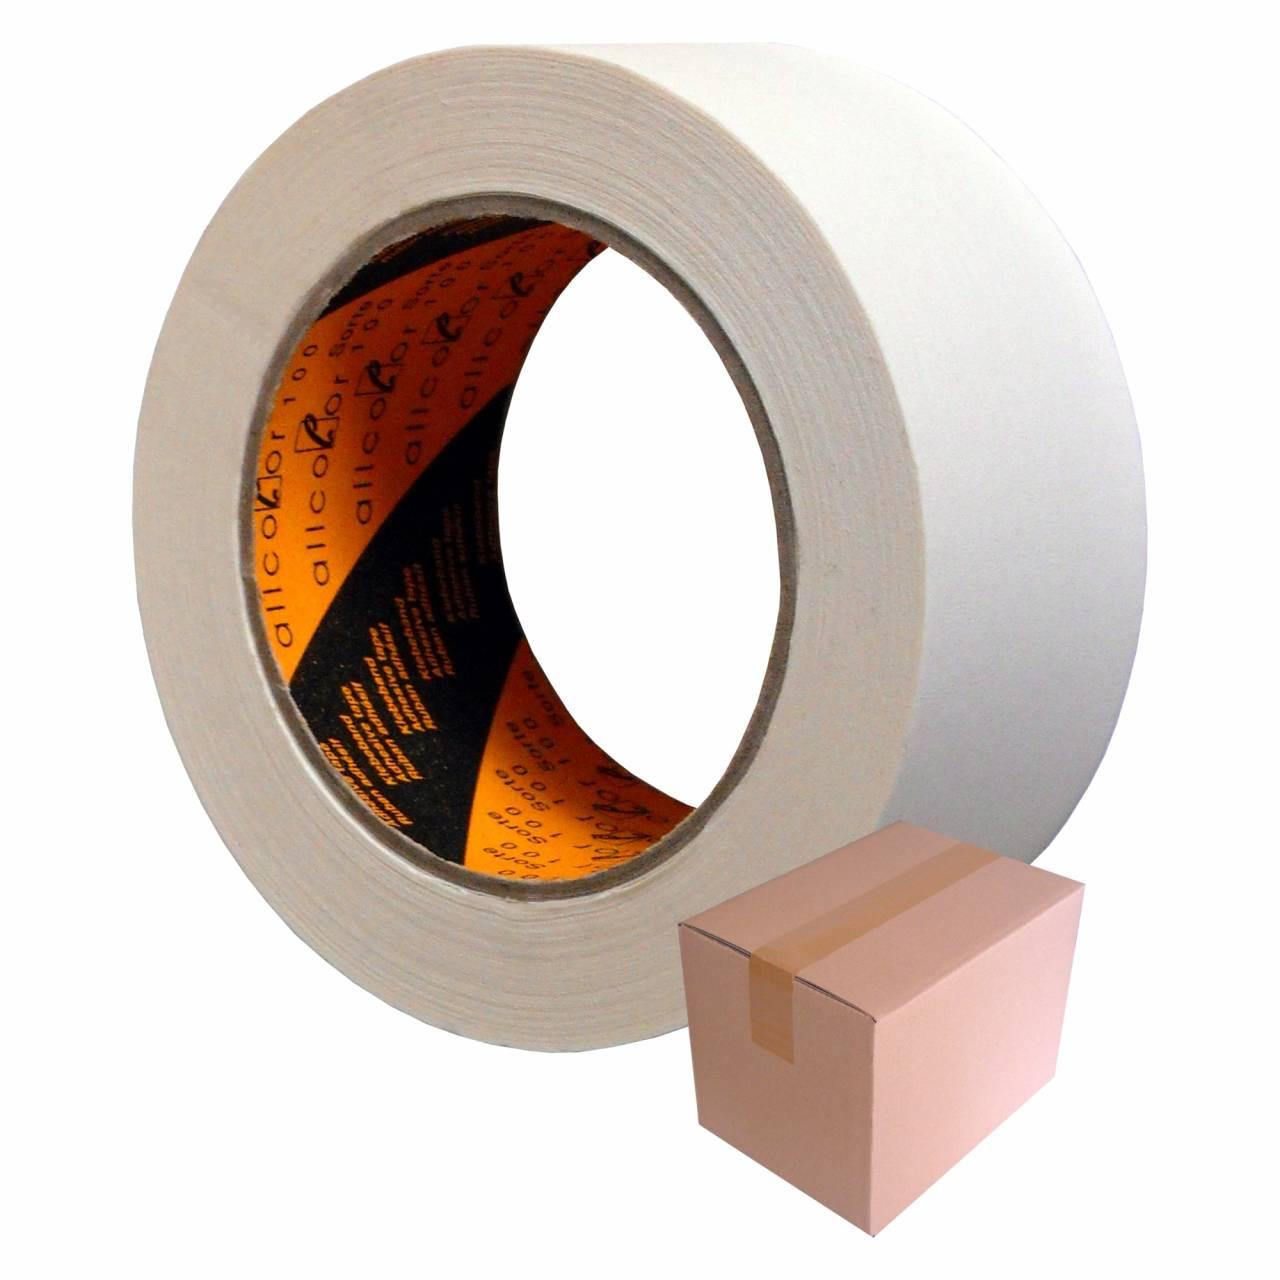 Feinkreppband T001, 100 mm x 50 m / Krt a 12 Rollen